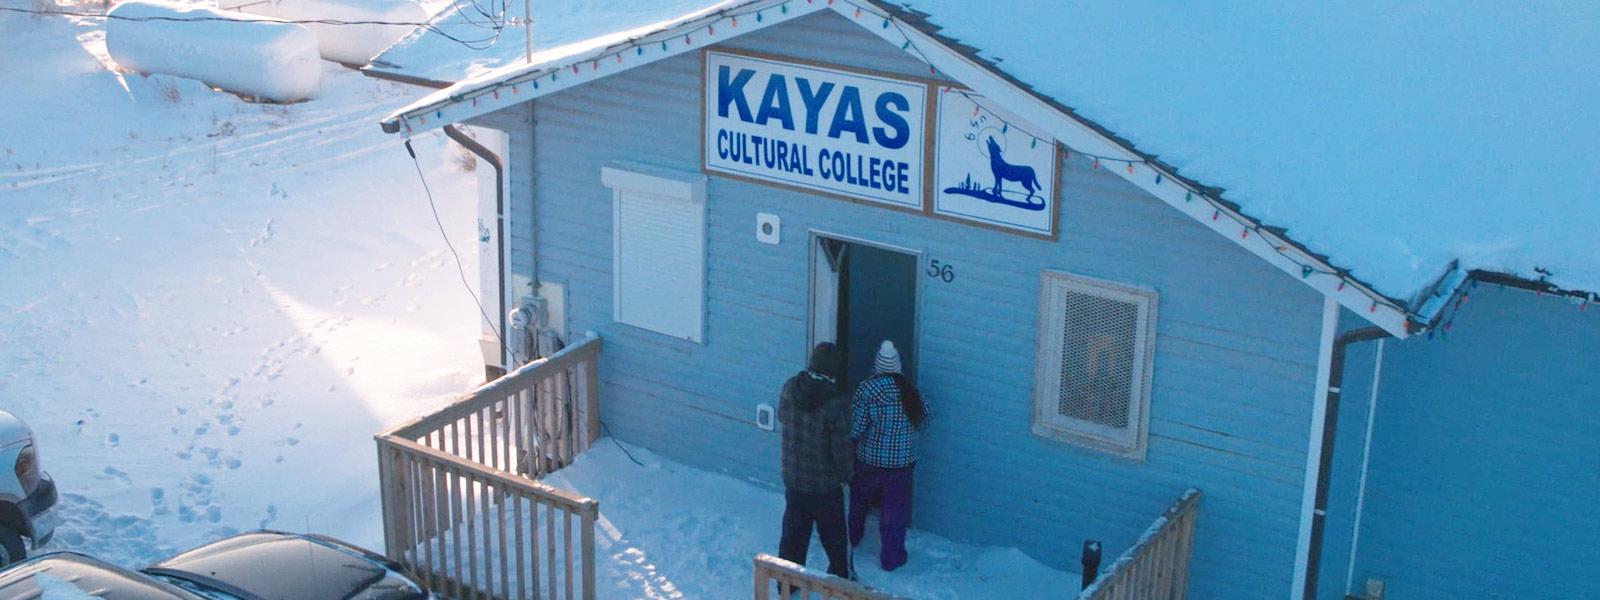 La parte exterior de un edificio en Kayas Cultural College durante un día de nievo y dos estudiantes que caminan afuera.